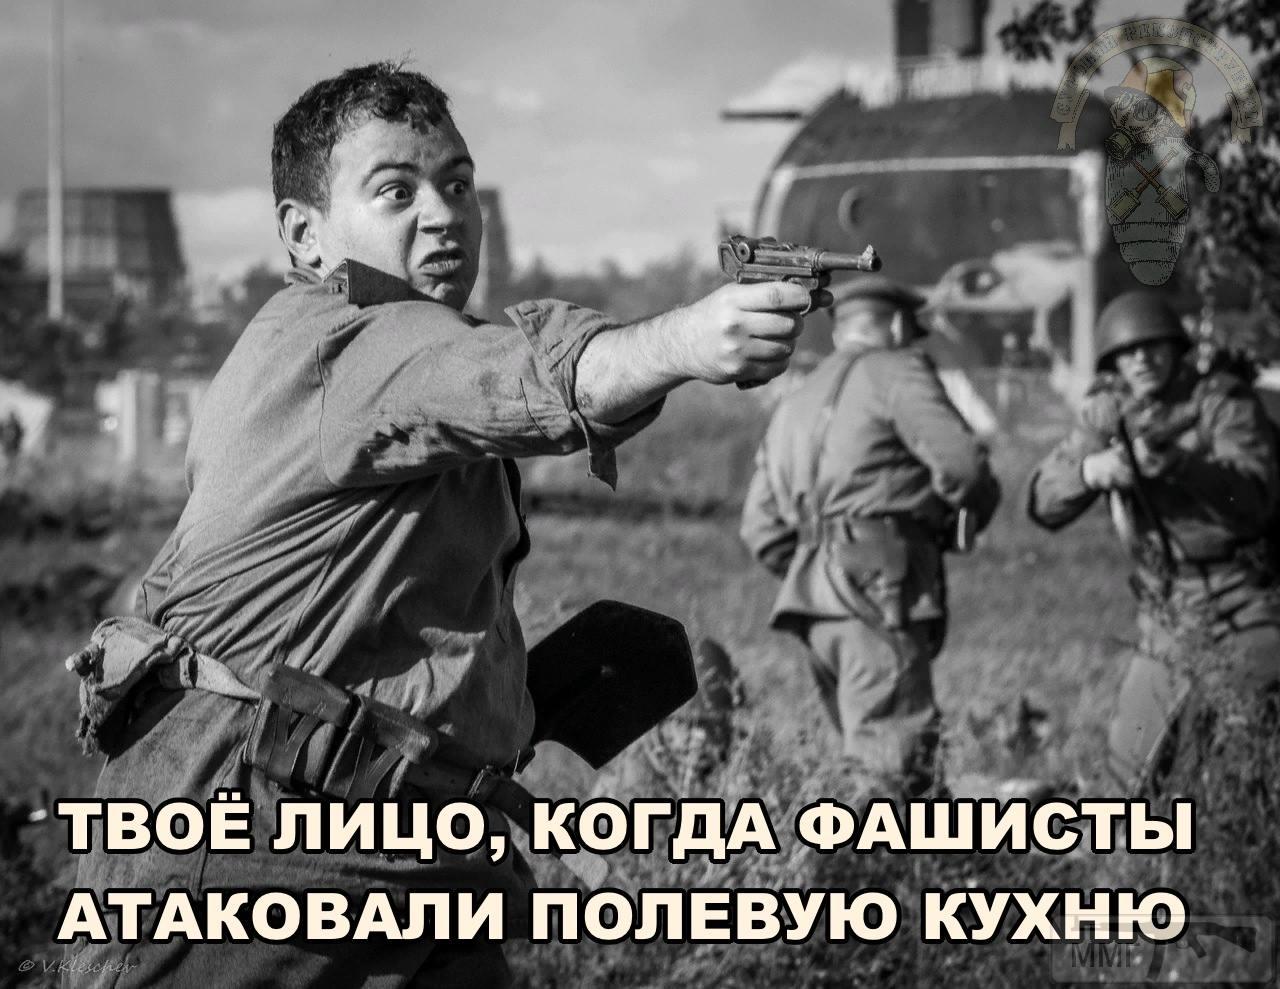 112986 - Толстый реконструктор